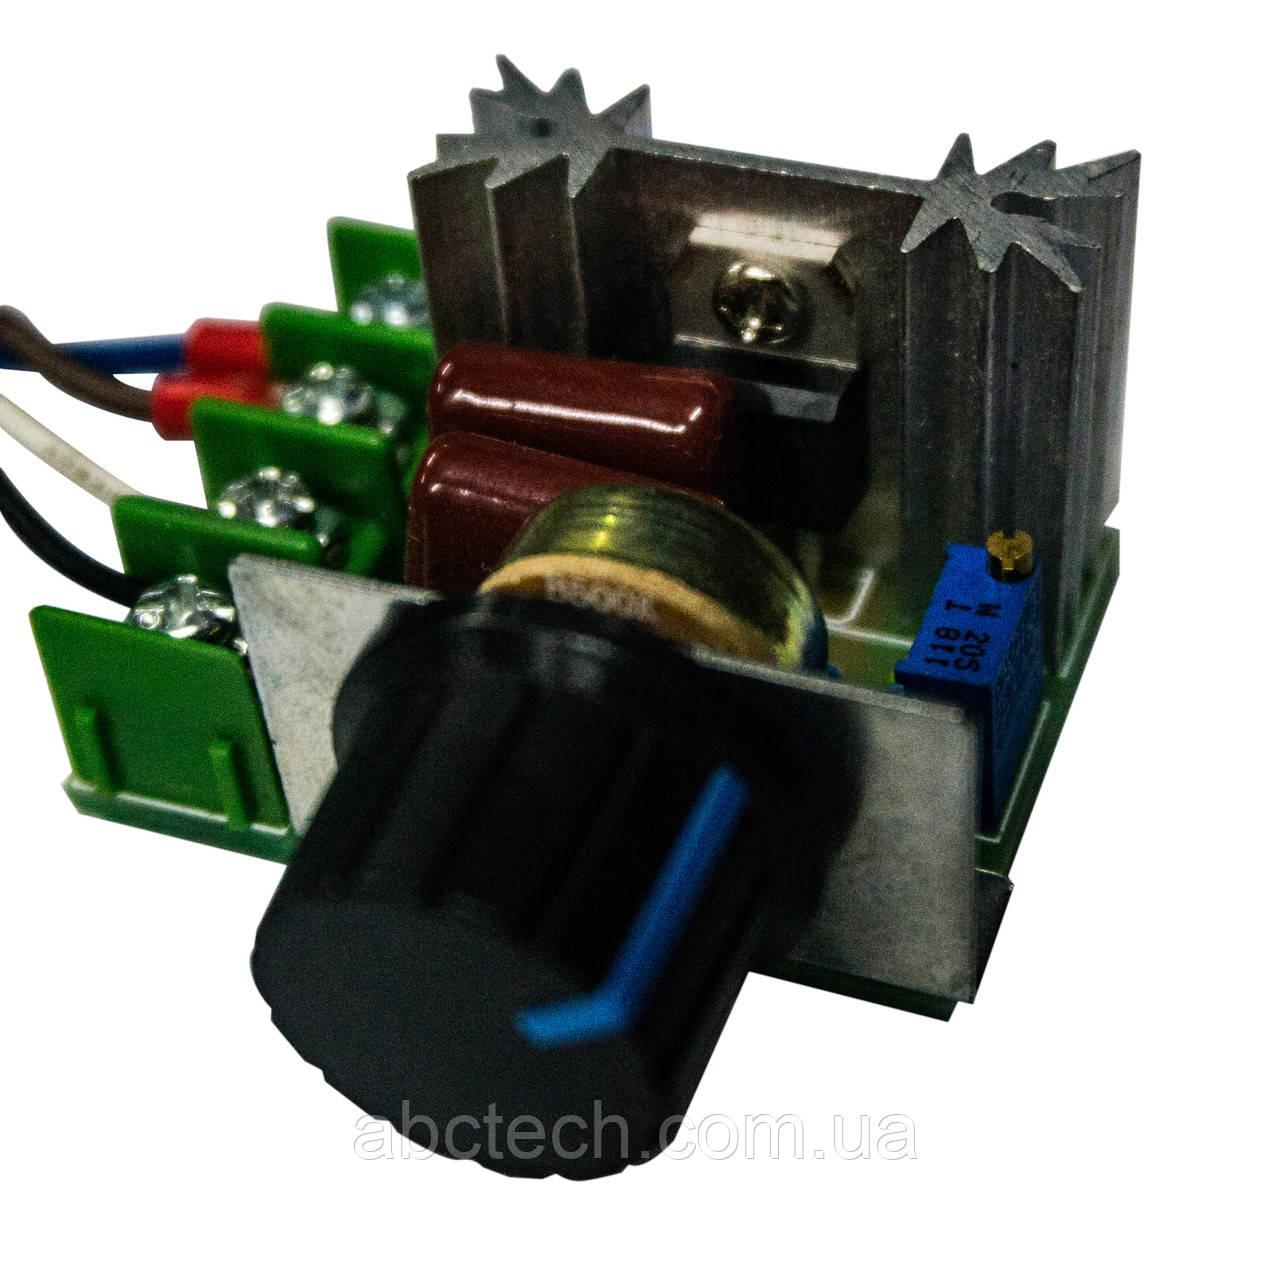 Регулятор швидкості обертання вентилятора, димососа (диммер)